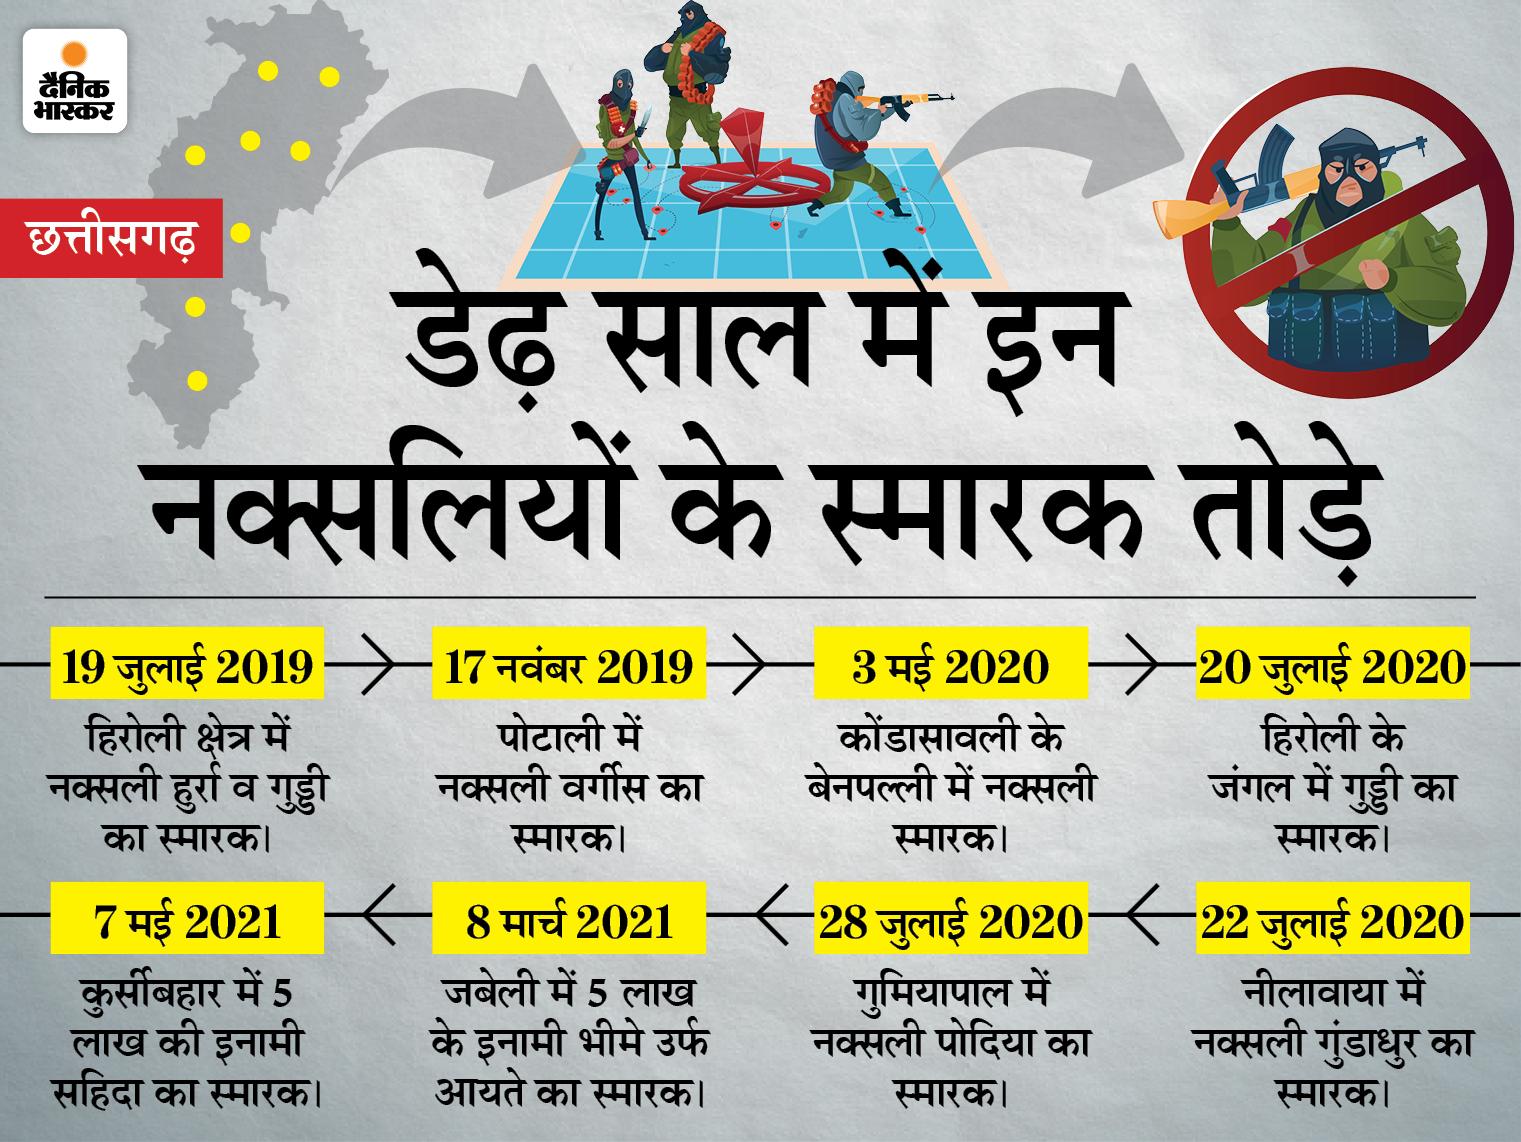 दंतेवाड़ा में 2 स्मारक बनाए गए थे, इनमें एक 8 लाख रुपए की इनामी महिला नक्सली का था, पुलिस का दावा-जिले में अब एक भी नहीं बचे; बीजापुर में भी 3 गिराए|छत्तीसगढ़,Chhattisgarh - Dainik Bhaskar